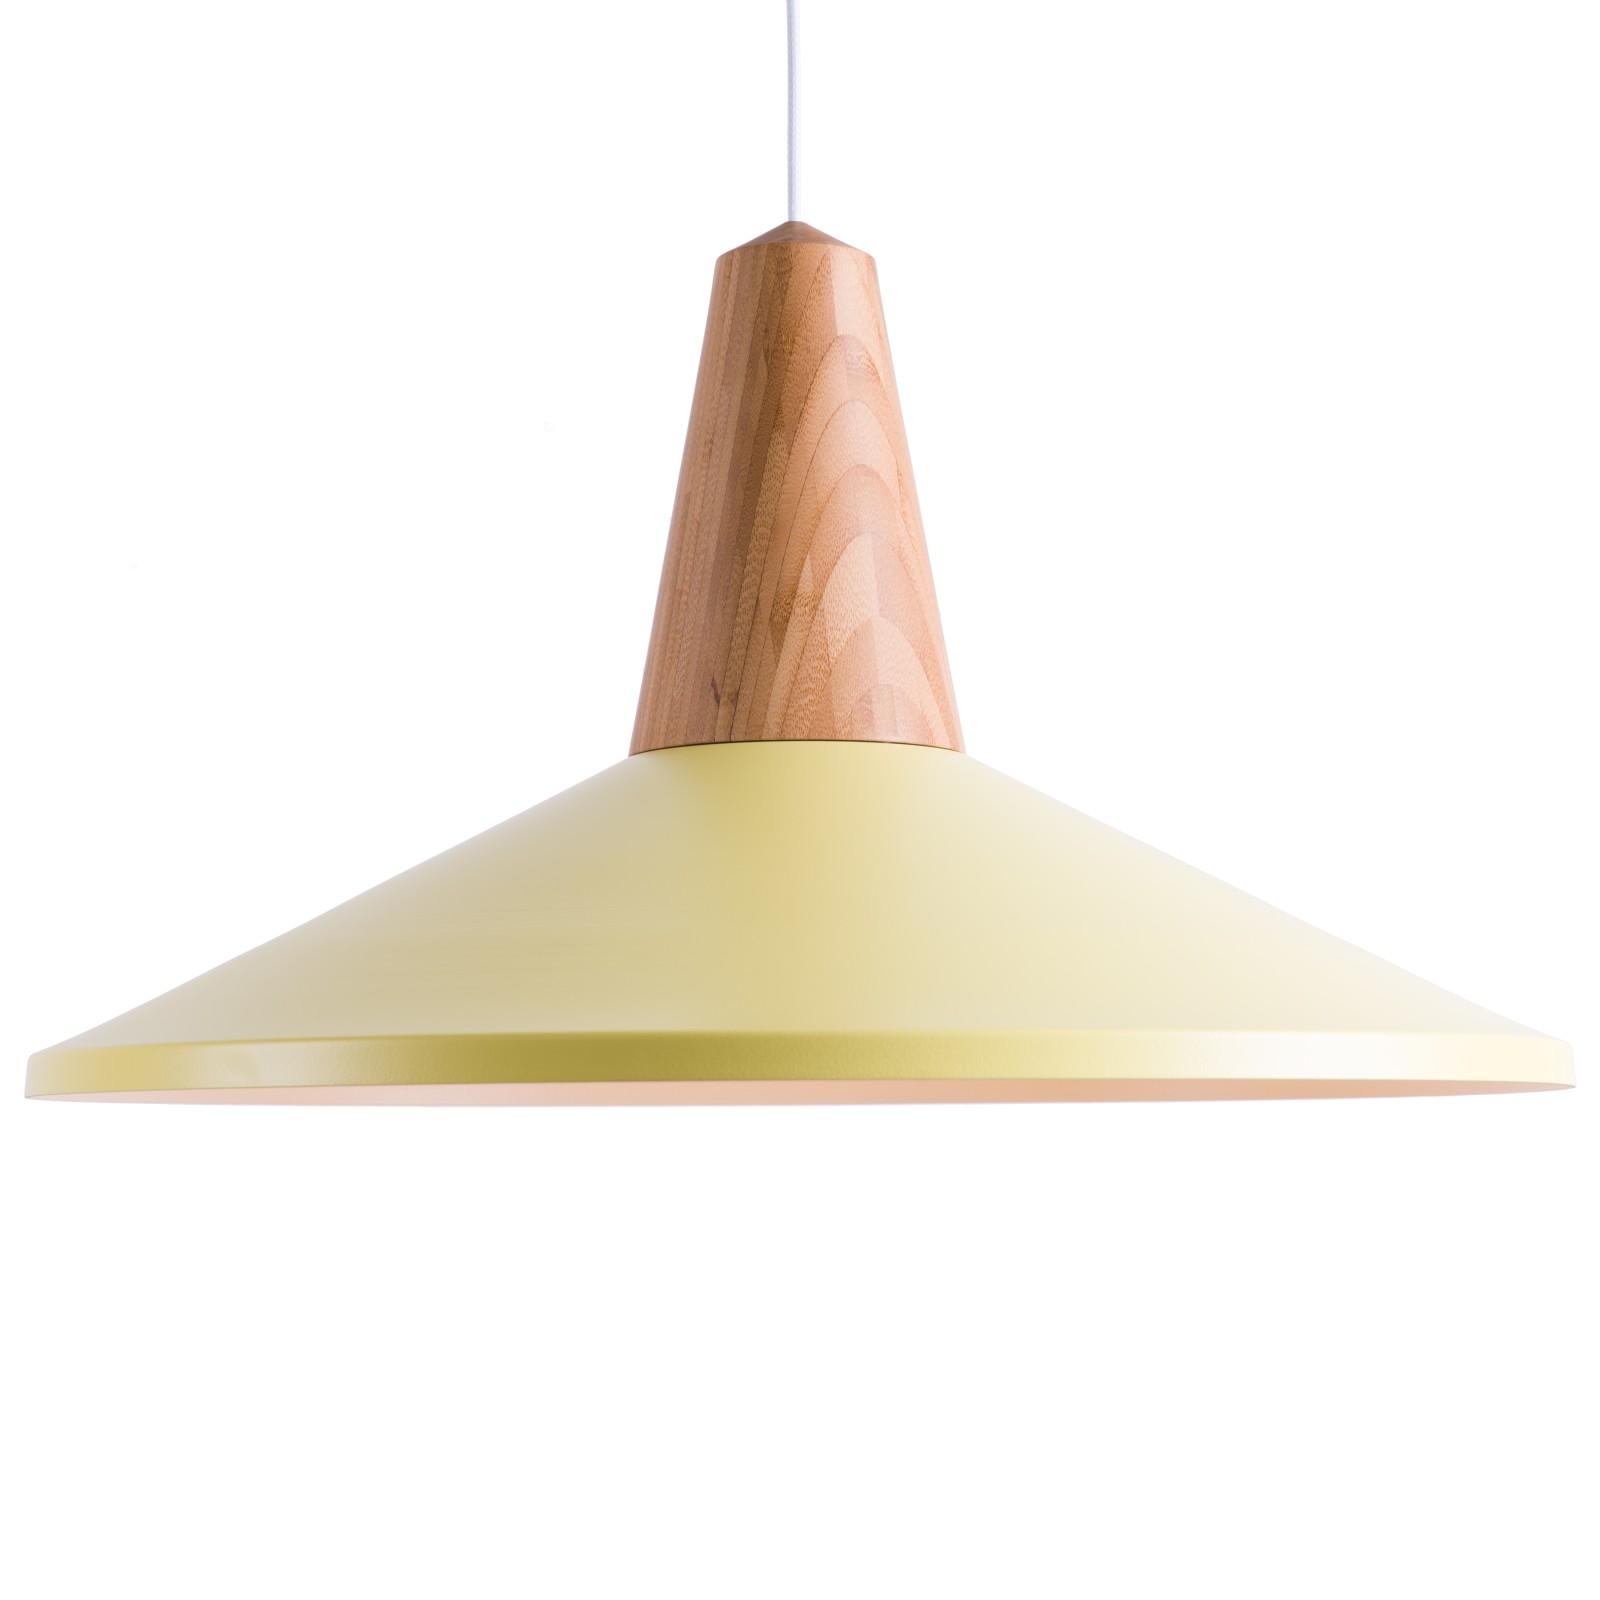 Eikon Shell Light Yellow Bamboo